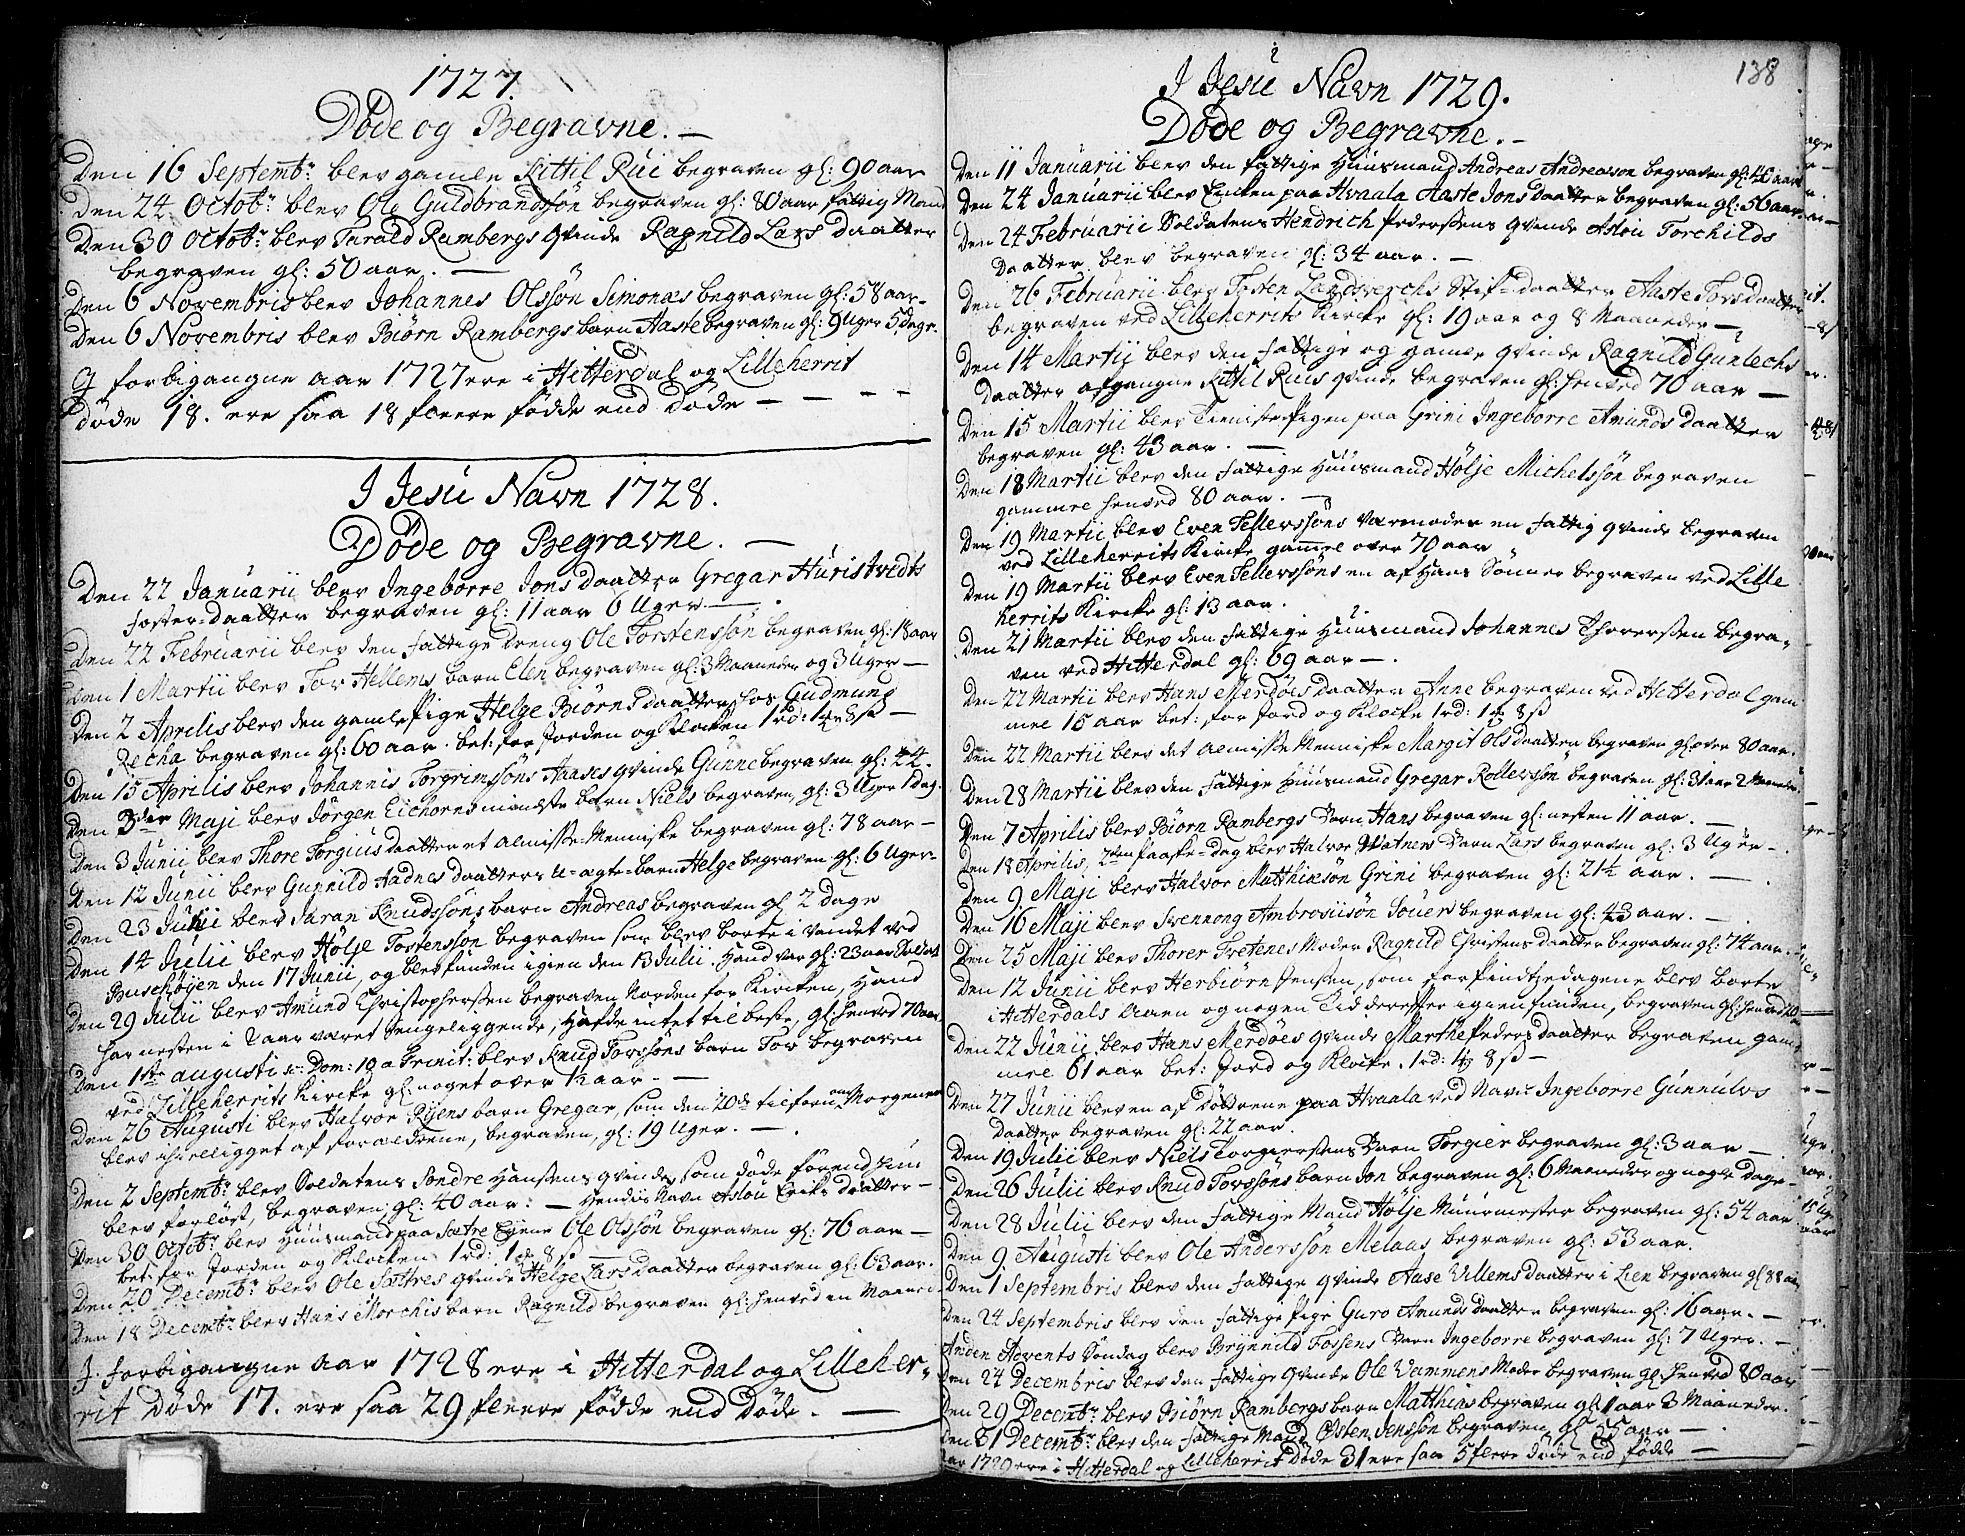 SAKO, Heddal kirkebøker, F/Fa/L0003: Ministerialbok nr. I 3, 1723-1783, s. 138